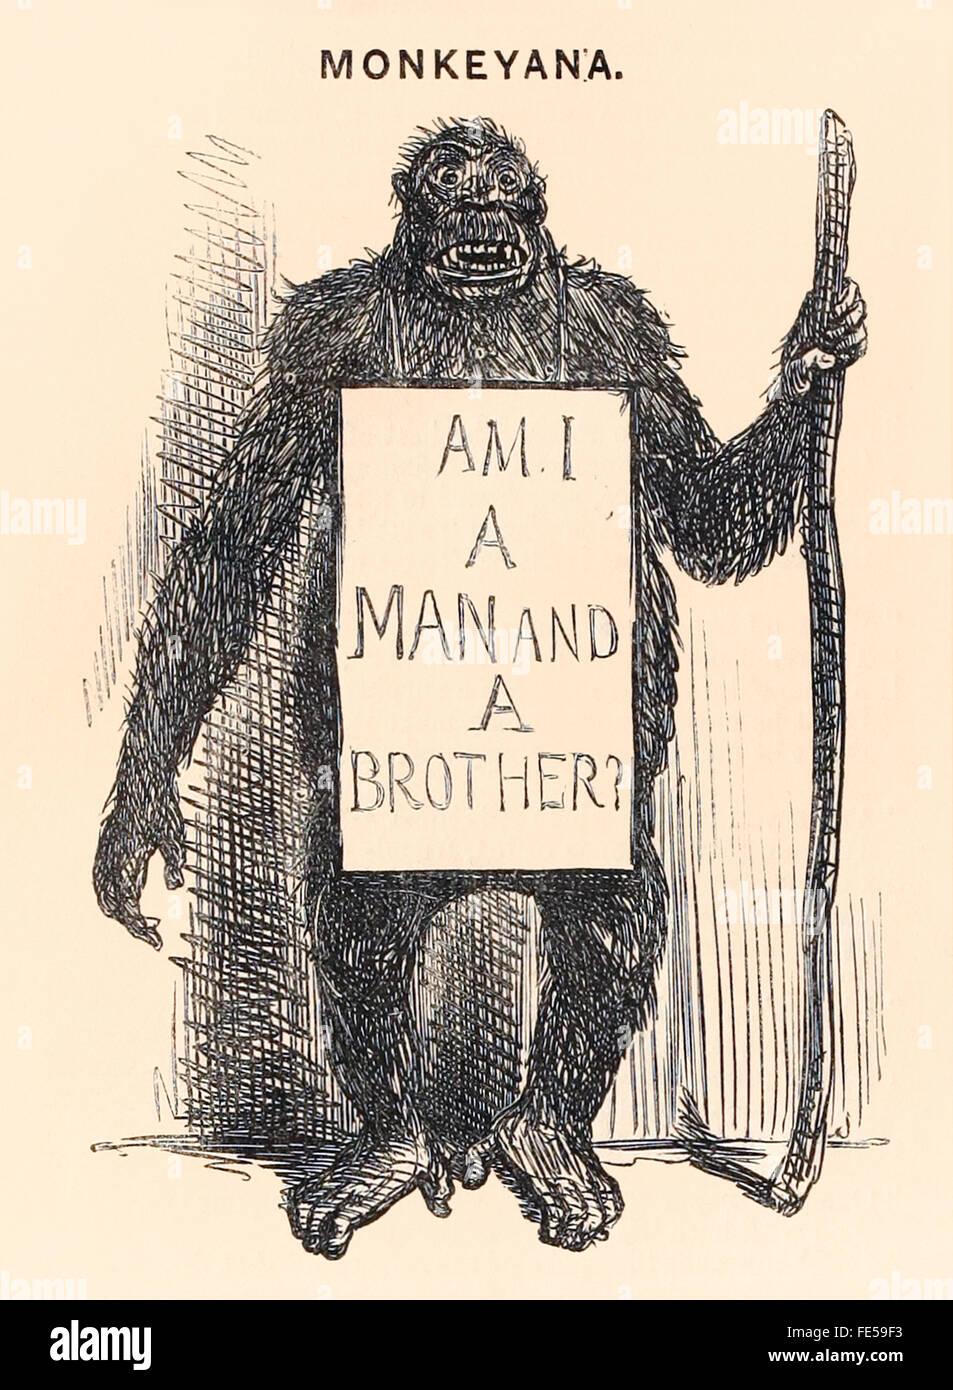 """""""Soy un hombre y un hermano?"""" Lee la etiqueta del ape mendigando en esta historieta 'Monkeyana"""" Imagen De Stock"""